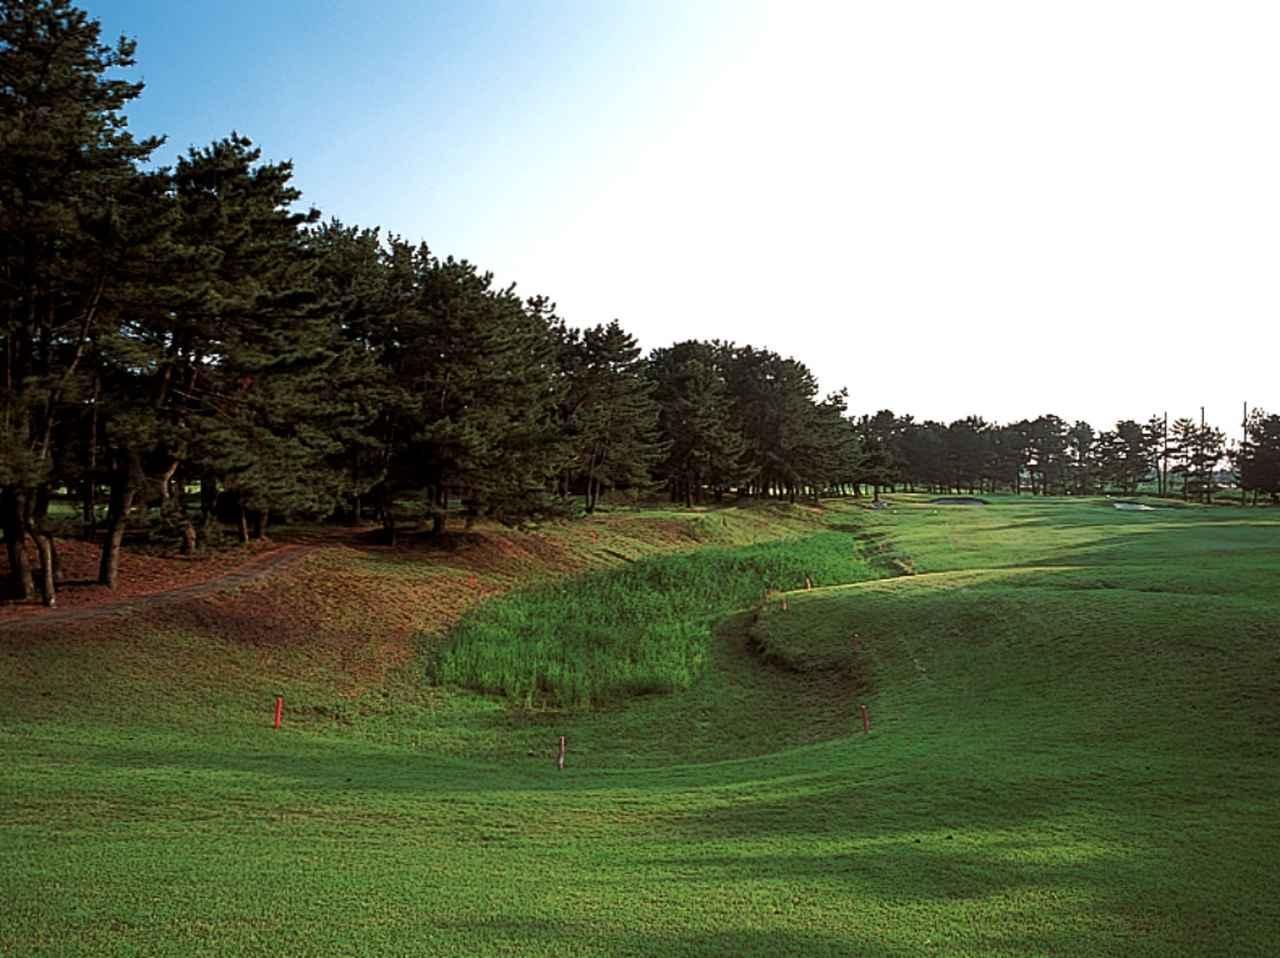 画像: 13番ホール/183㍎/パー3 左側に池、右には松林が枝を伸ばす、その先はOB。レギュラーティからでも171ヤードあり、方向性と飛距離が求められる